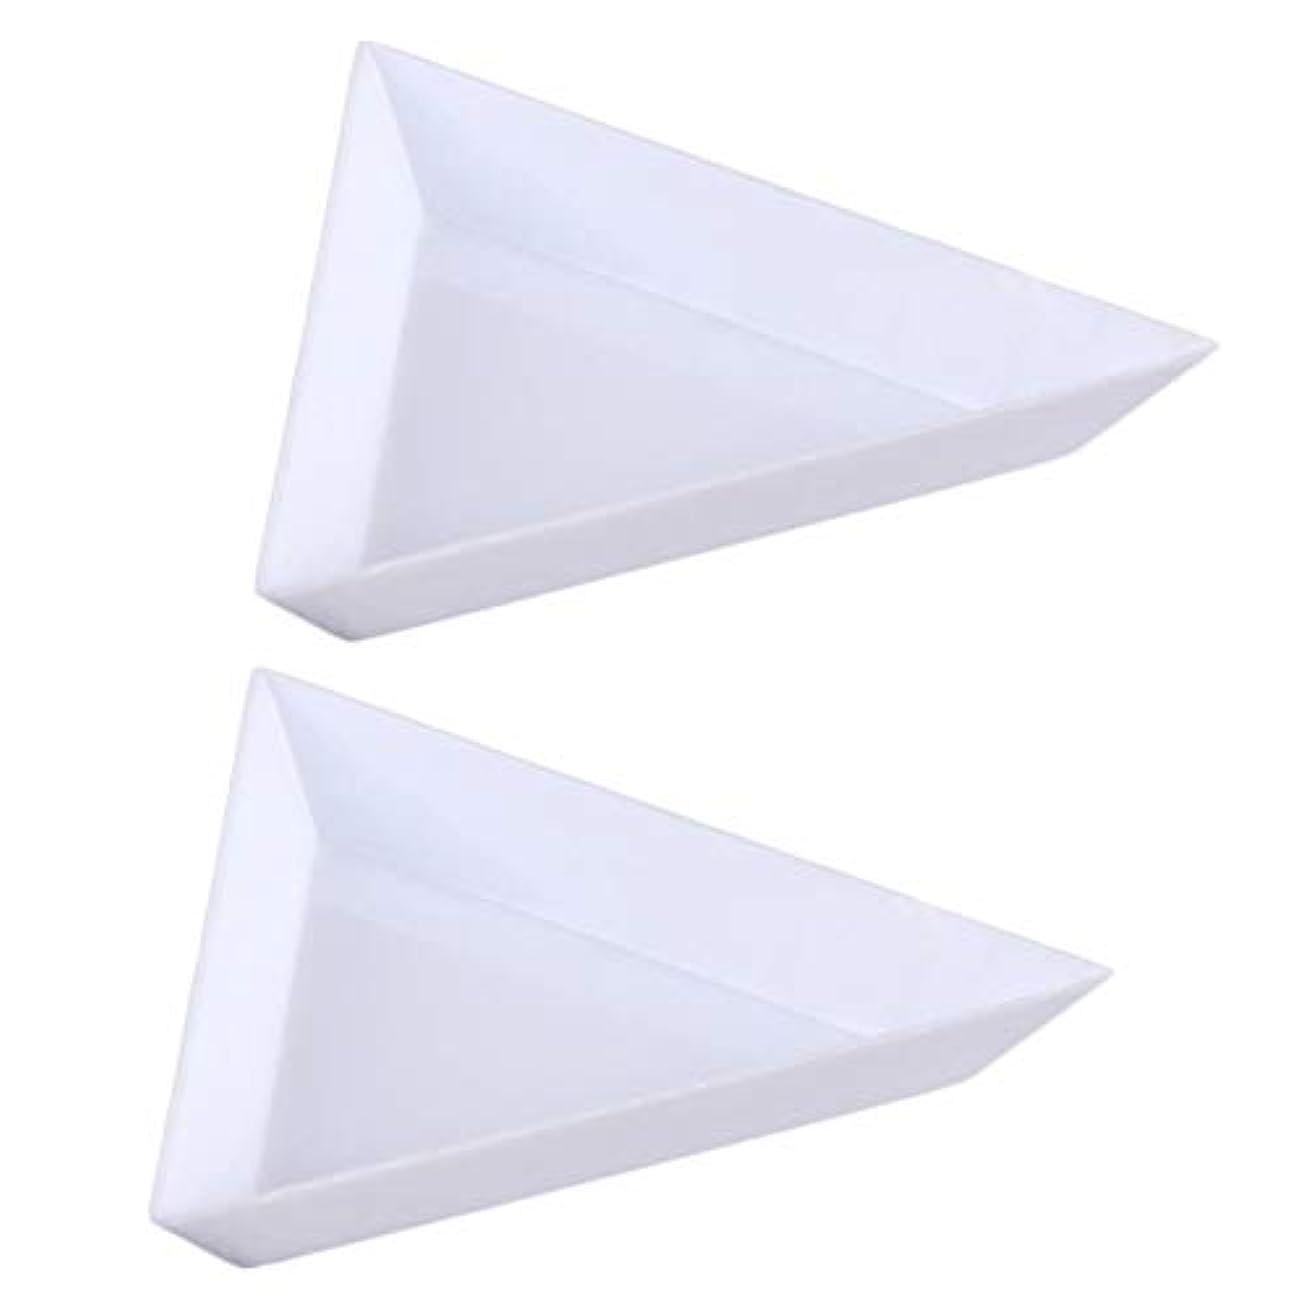 生き残り考古学出身地Gaoominy 10個三角コーナープラスチックラインストーンビーズ 結晶 ネイルアートソーティングトレイアクセサリー白 DiyネイルアートデコレーションDotting収納トレイ オーガニゼーションに最適